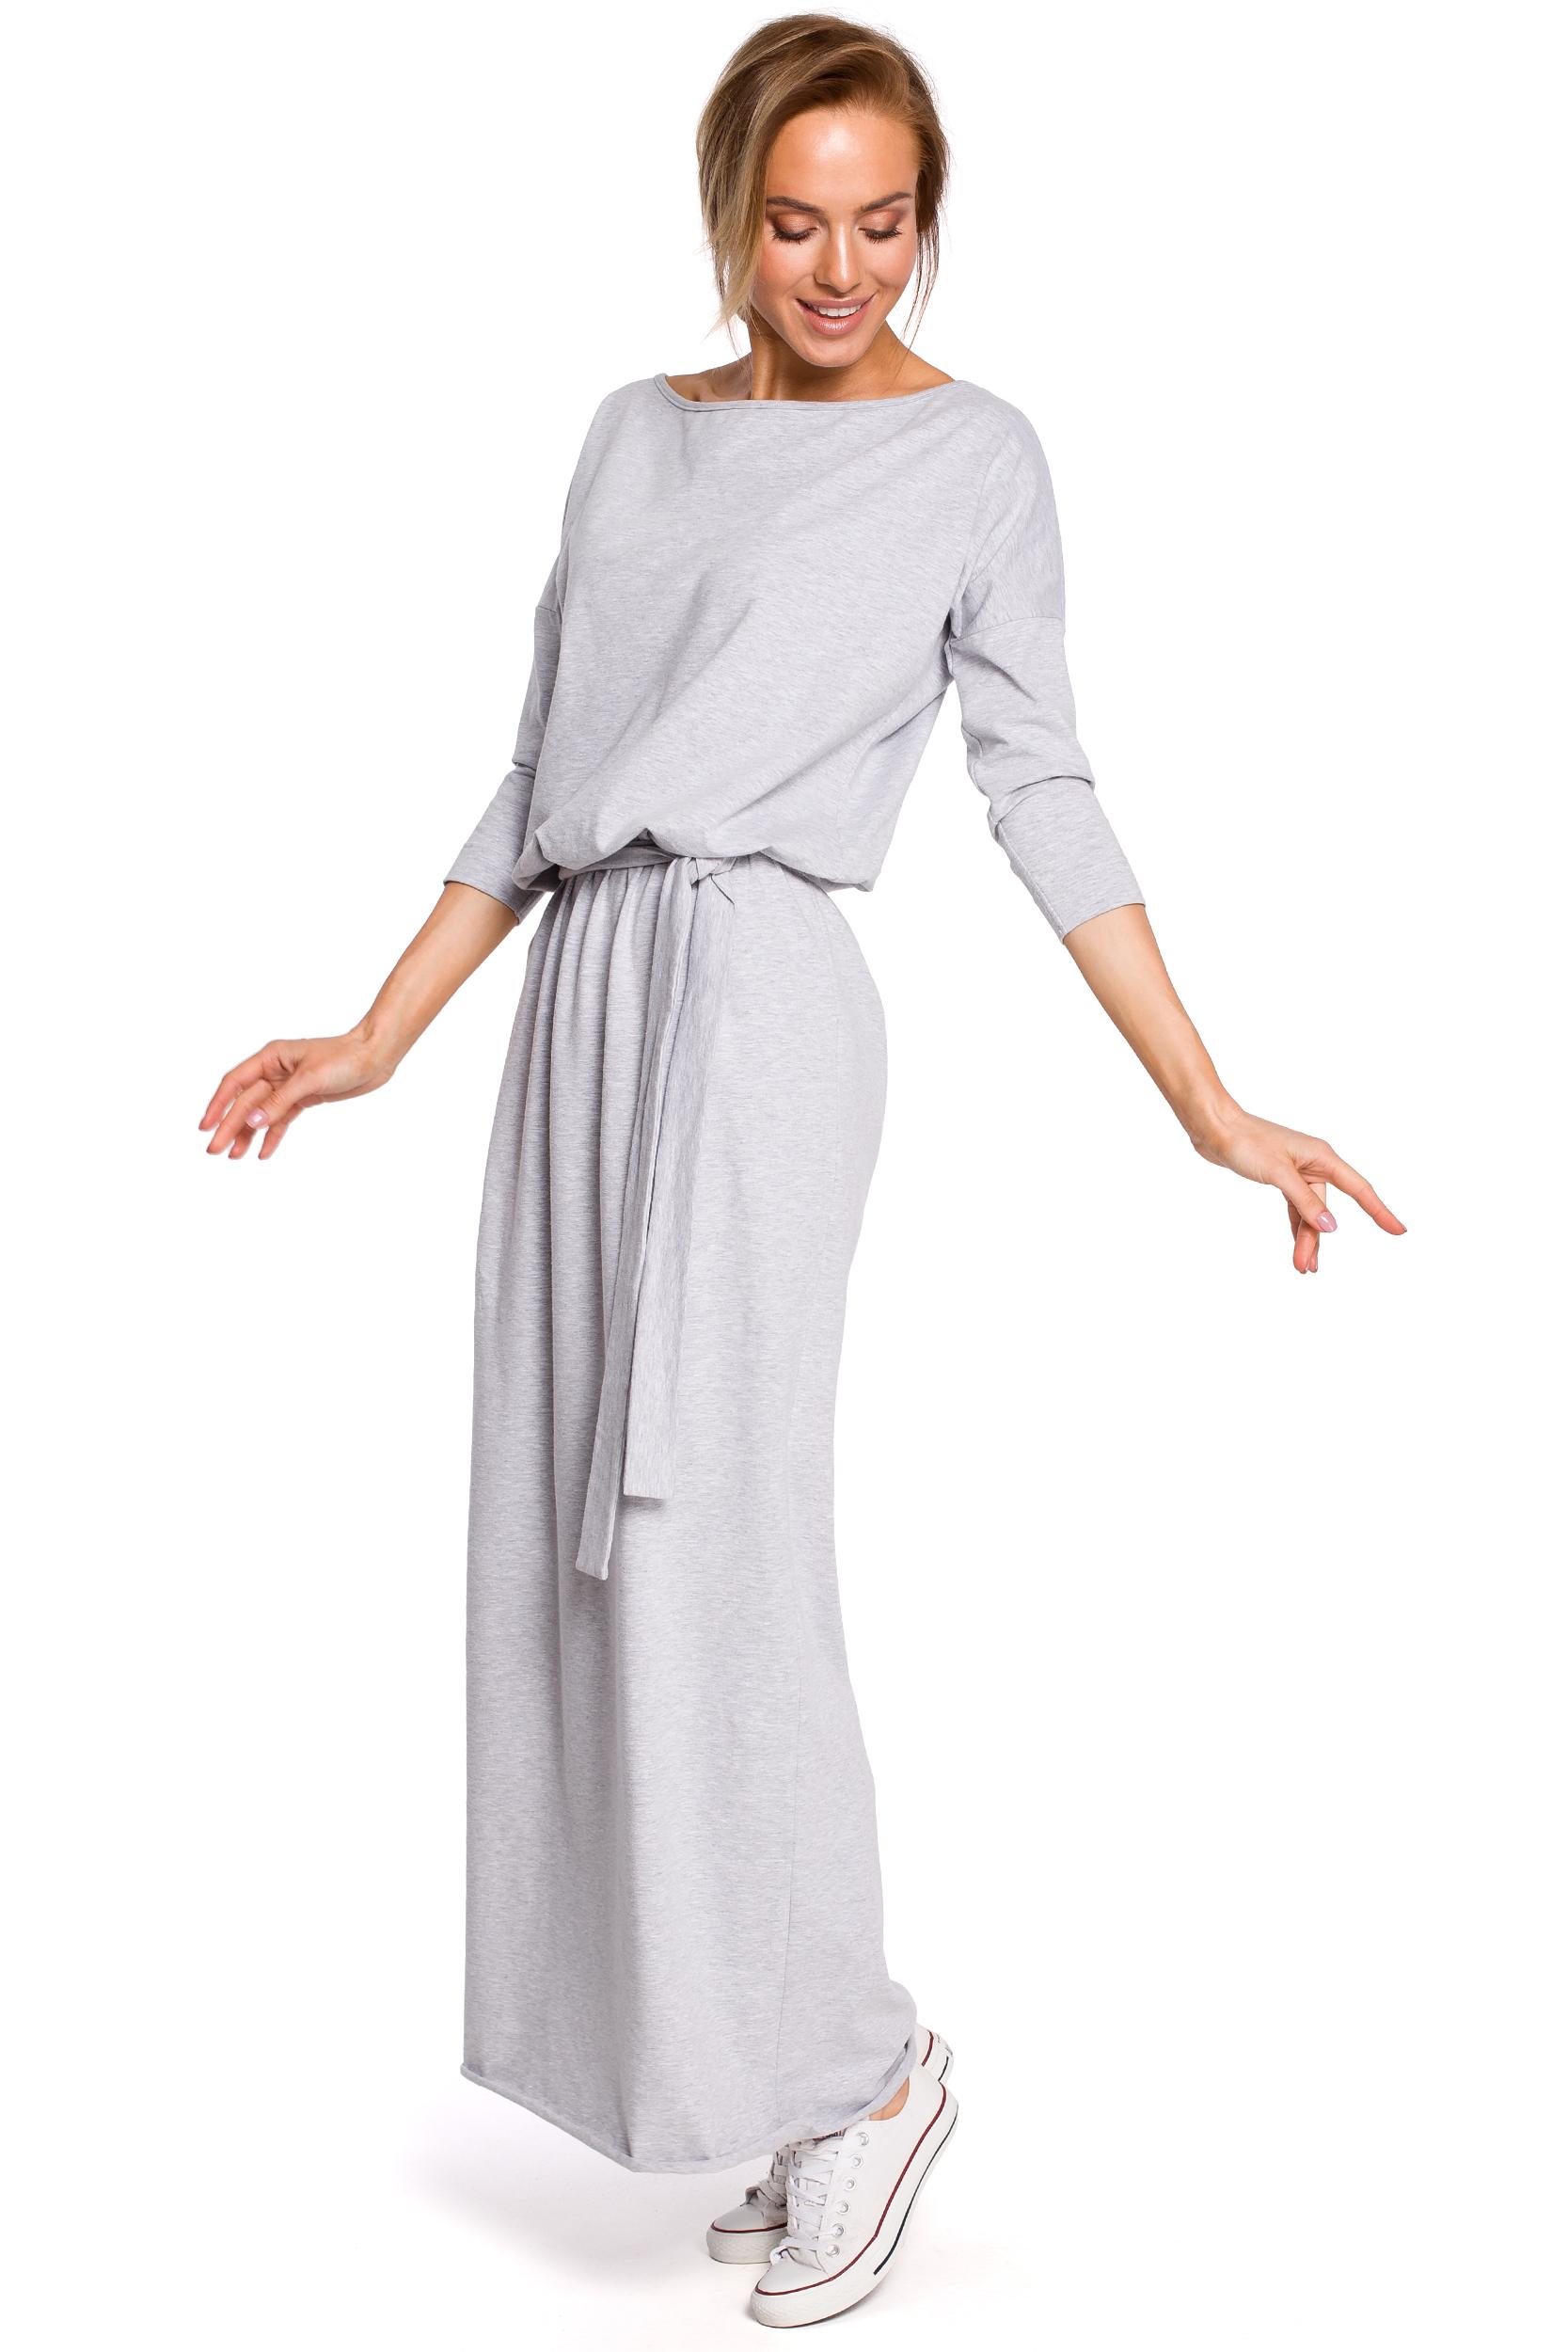 369fff167e Sukienka bawełniana do kostek szara - szyta w Polsce - kurier od 5